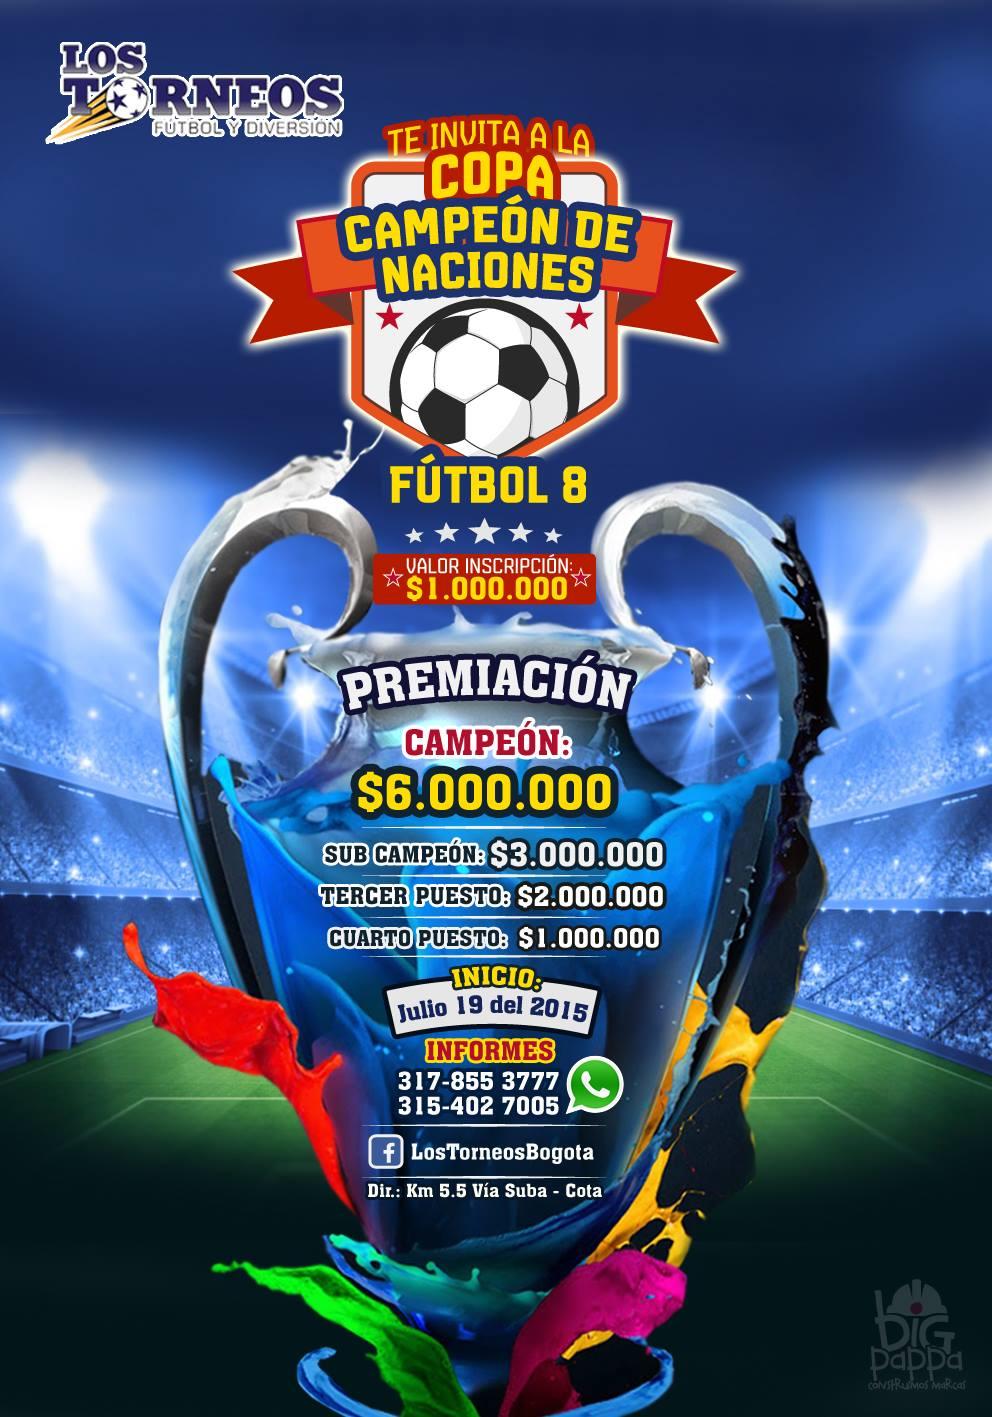 Copa Campen de Naciones F8 Premios por 12 millones de